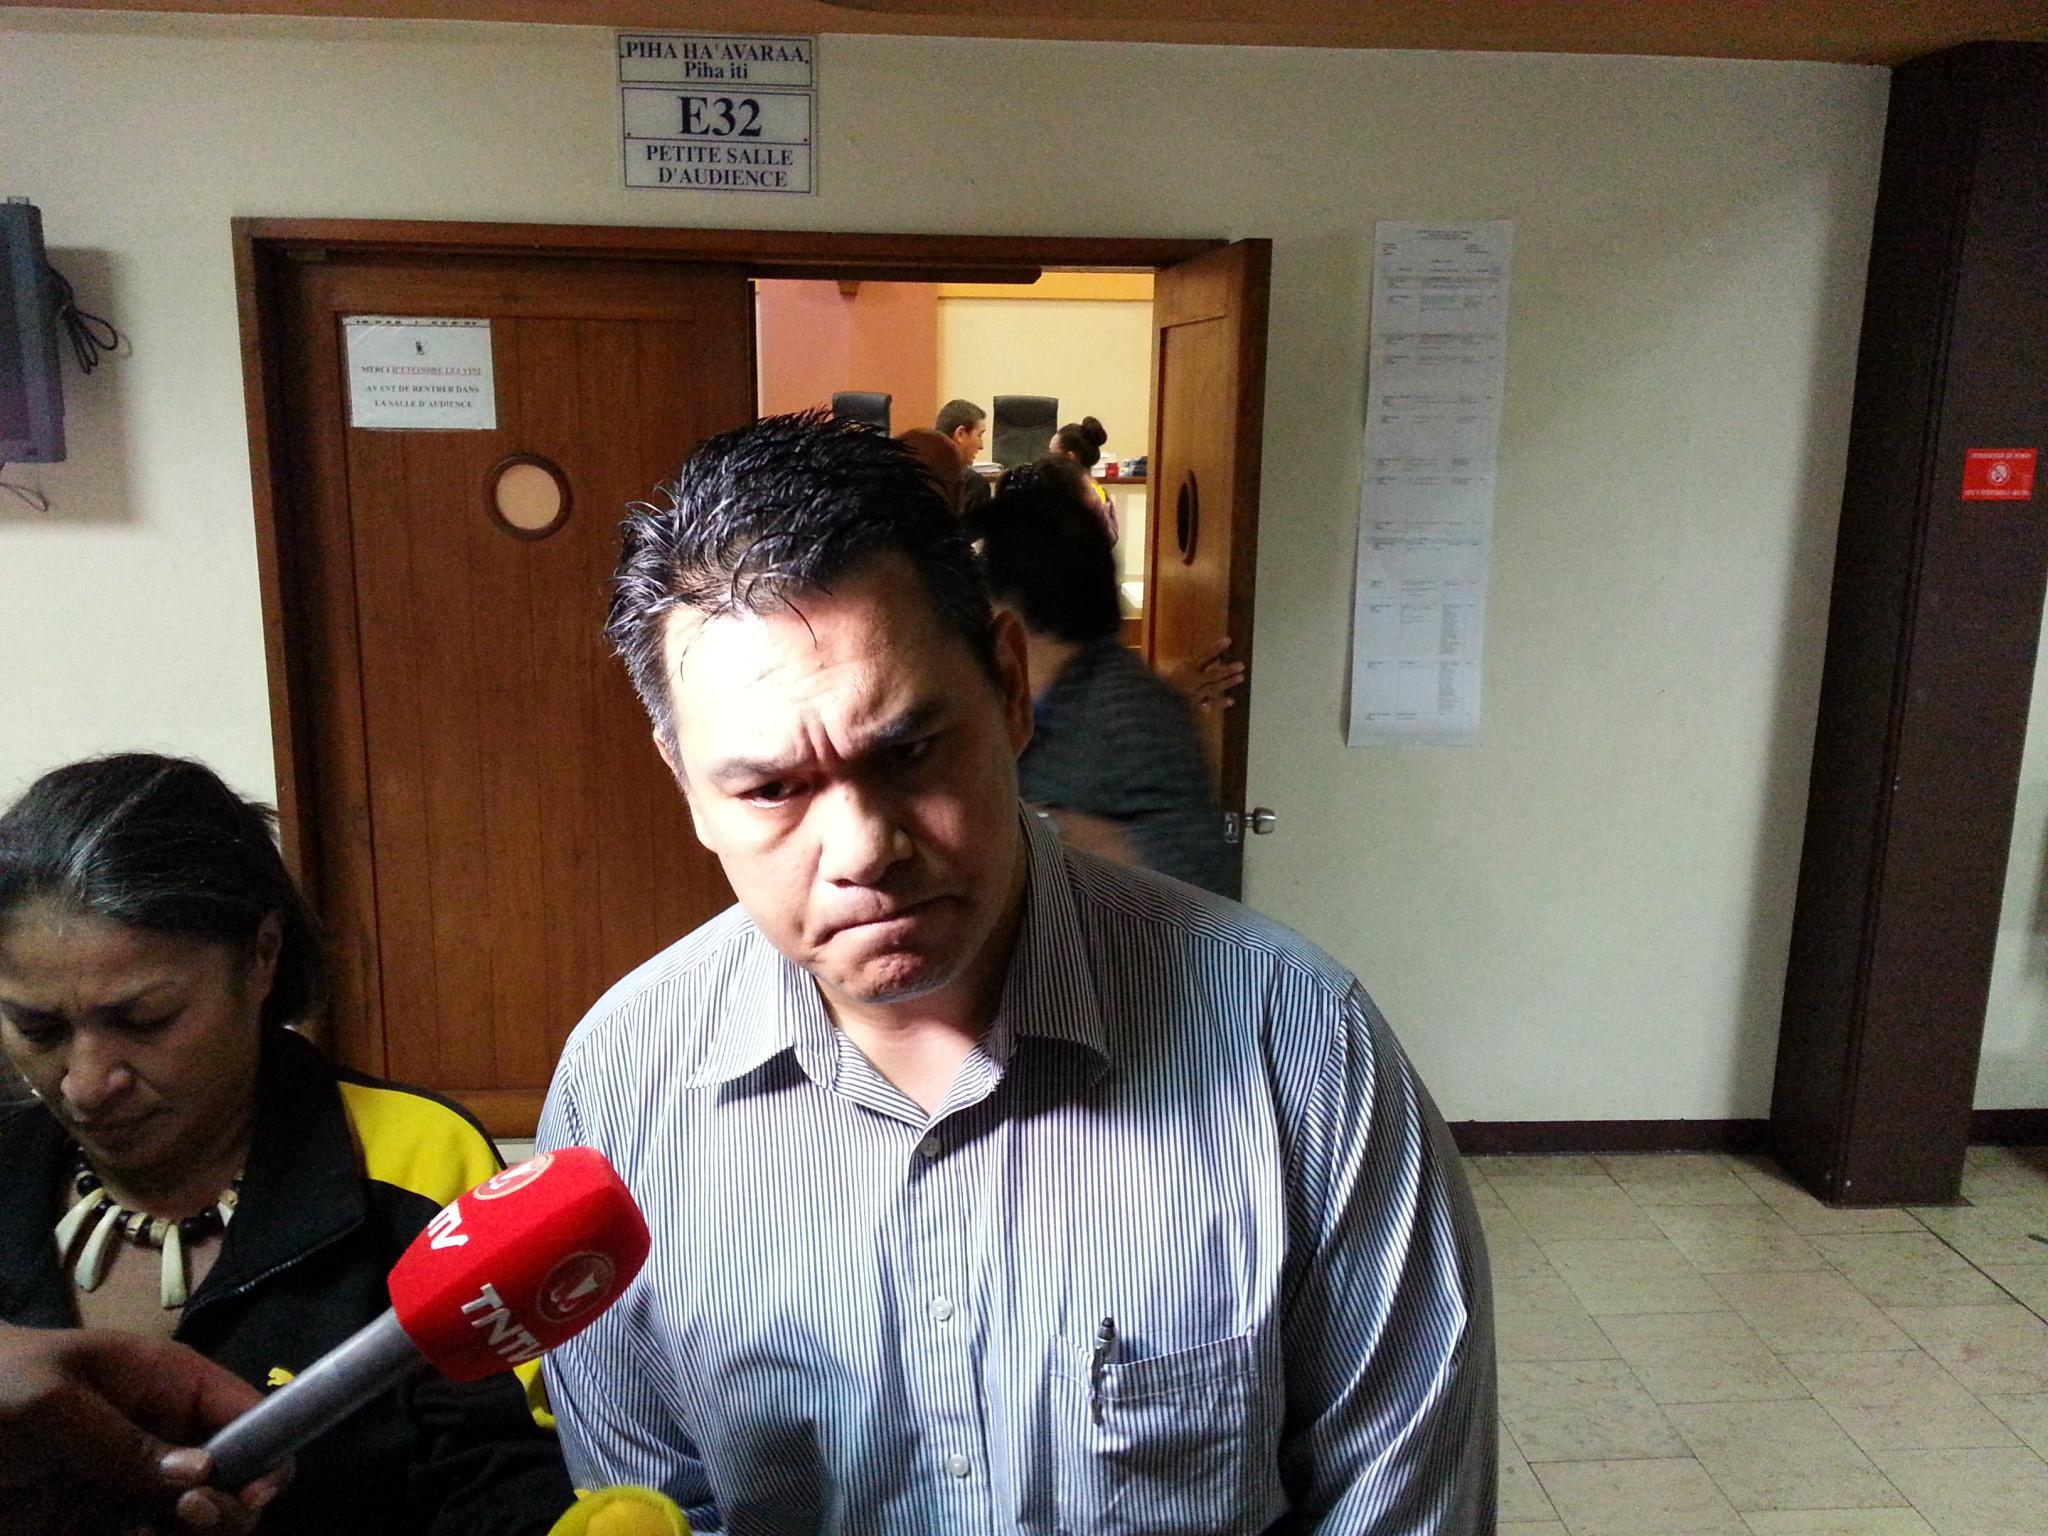 Jean-Paul Tuaiva a réitéré son mea culpa devant les médias, ce matin à la sortie de l'audience.